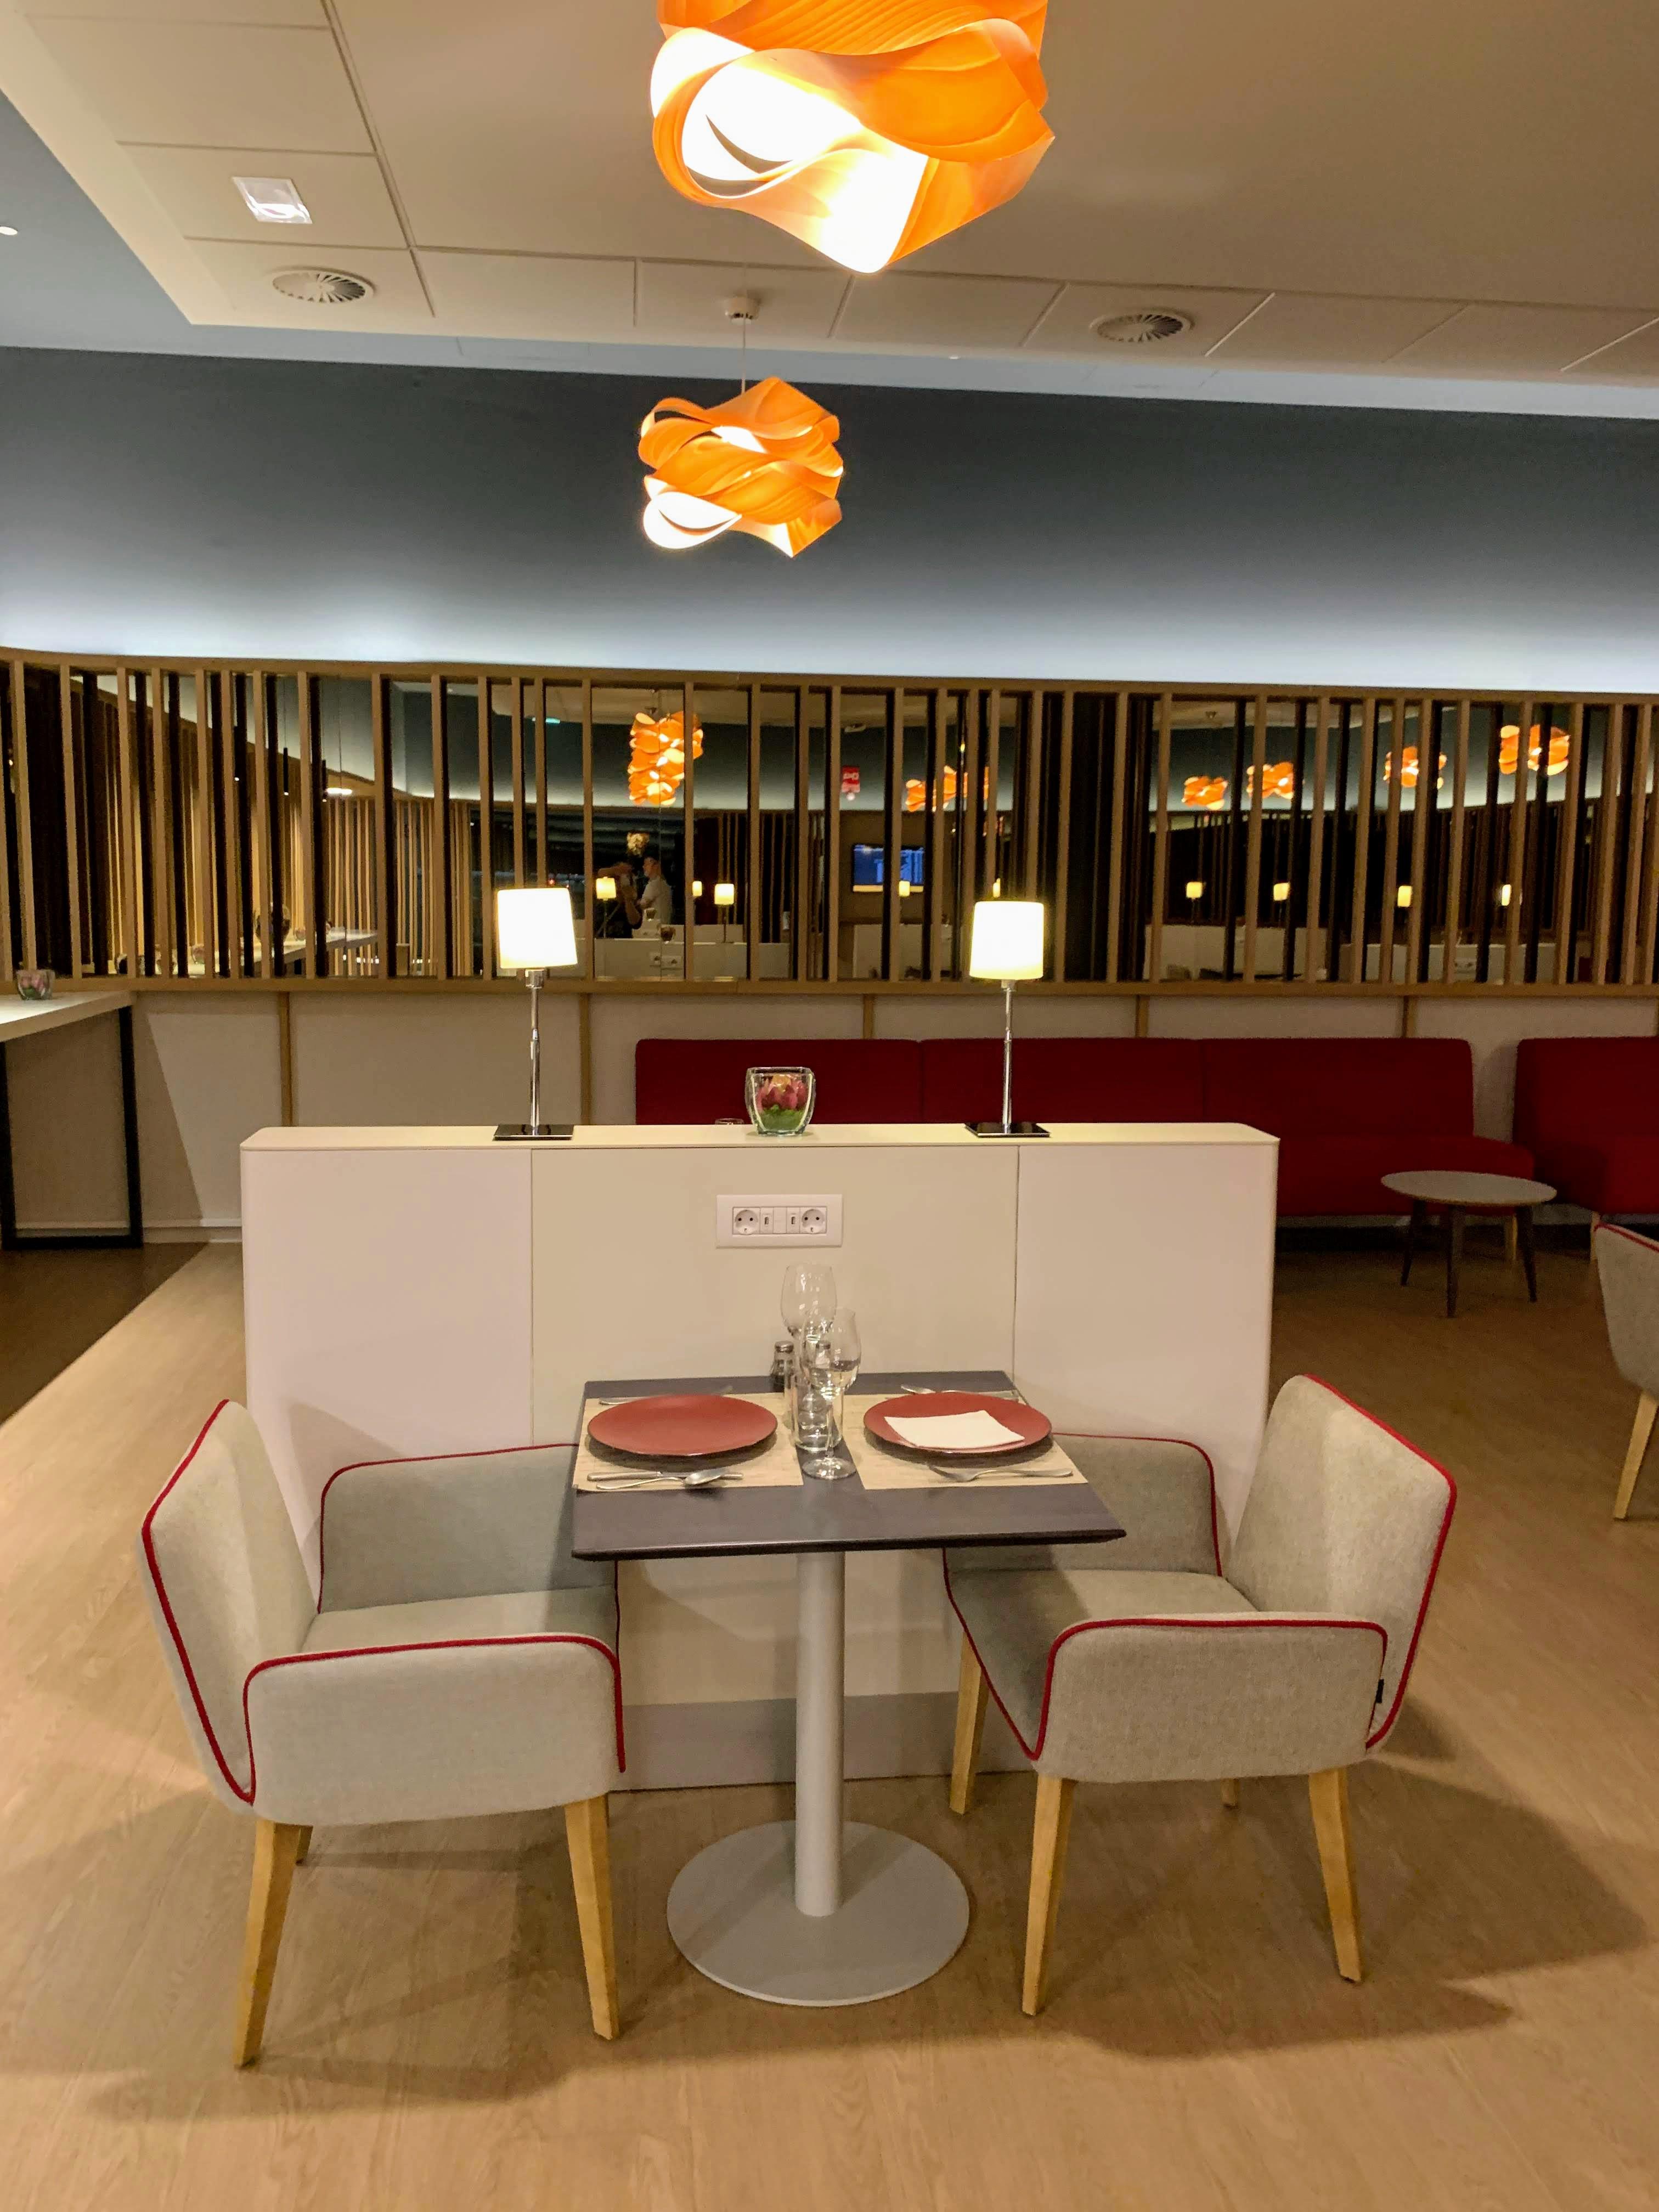 Iberia's restaurant